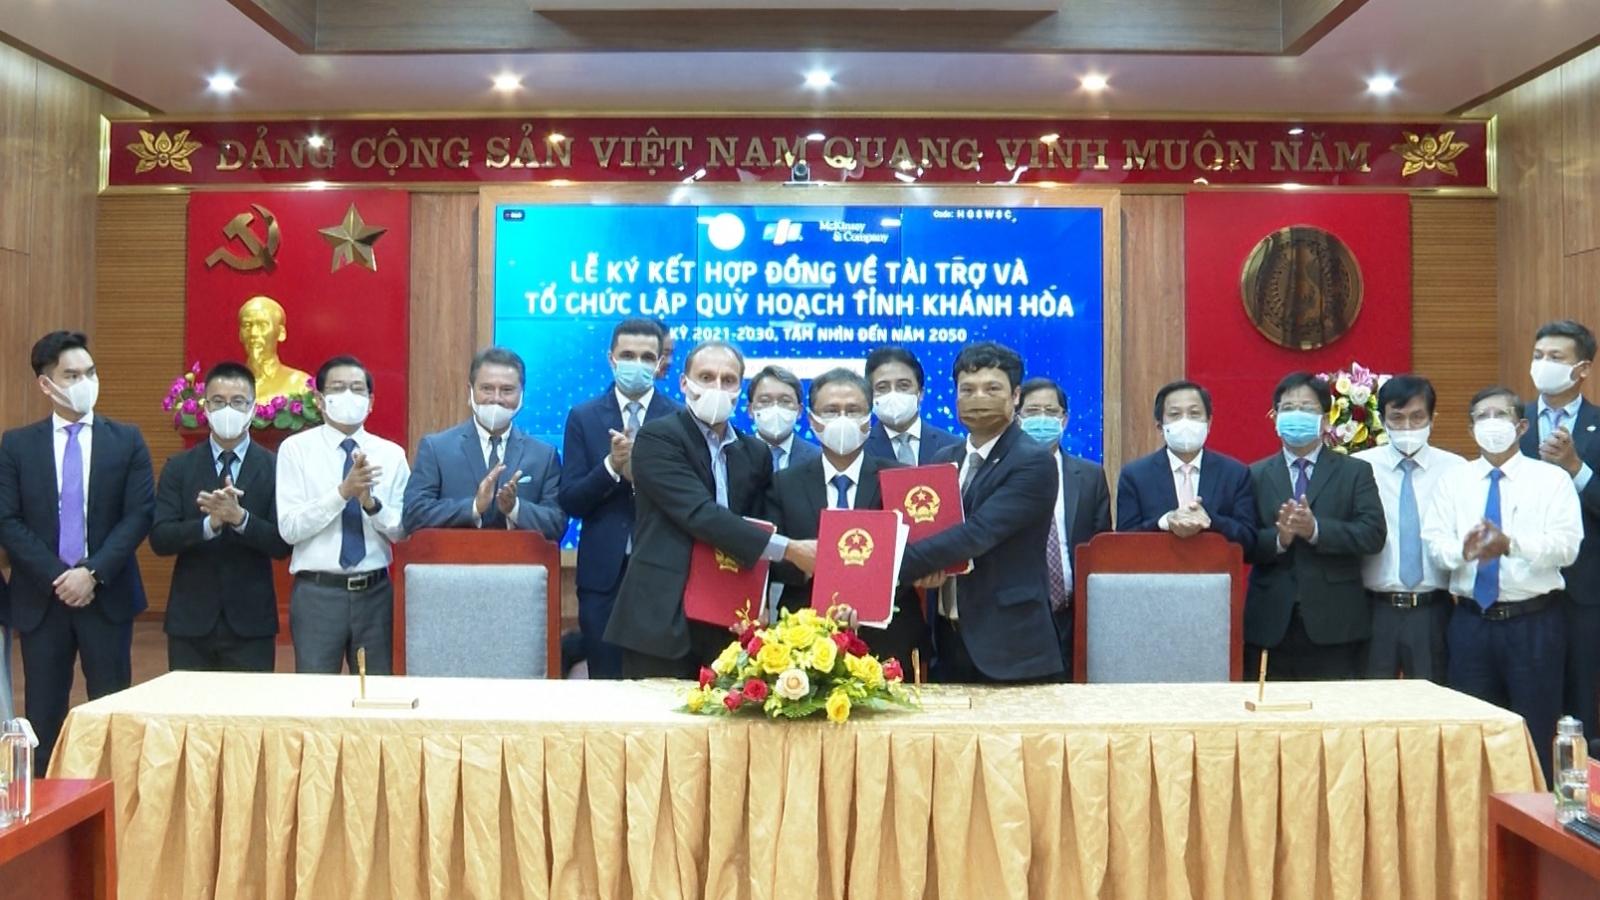 Lập quy hoạch để đưa Khánh Hòa trở thành trung tâm kinh tế biển của cả nước